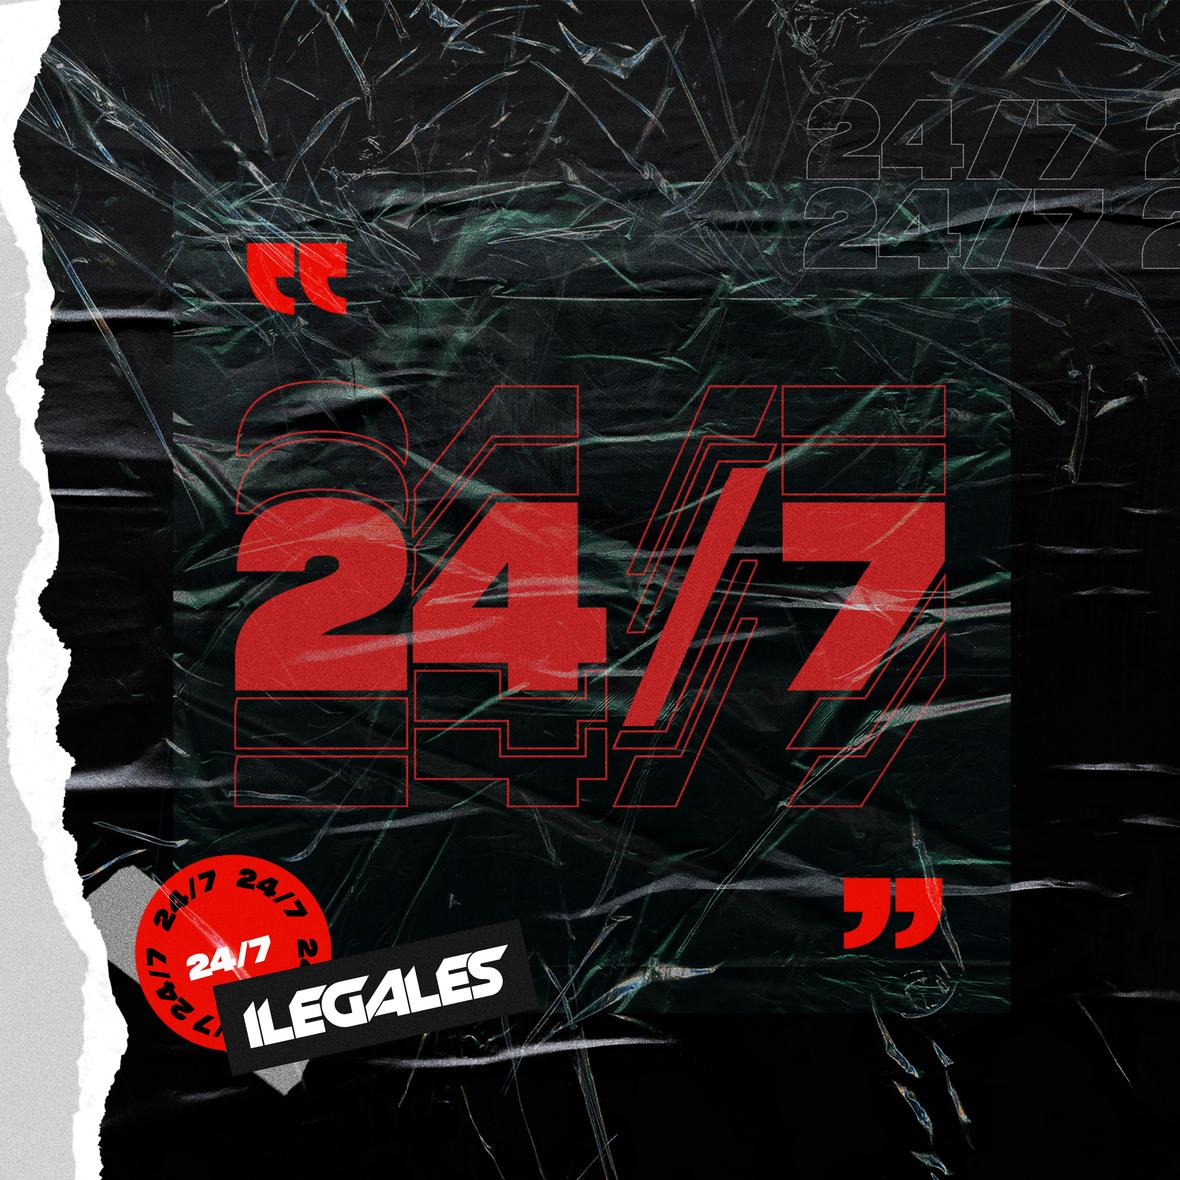 ILEGALES - 247